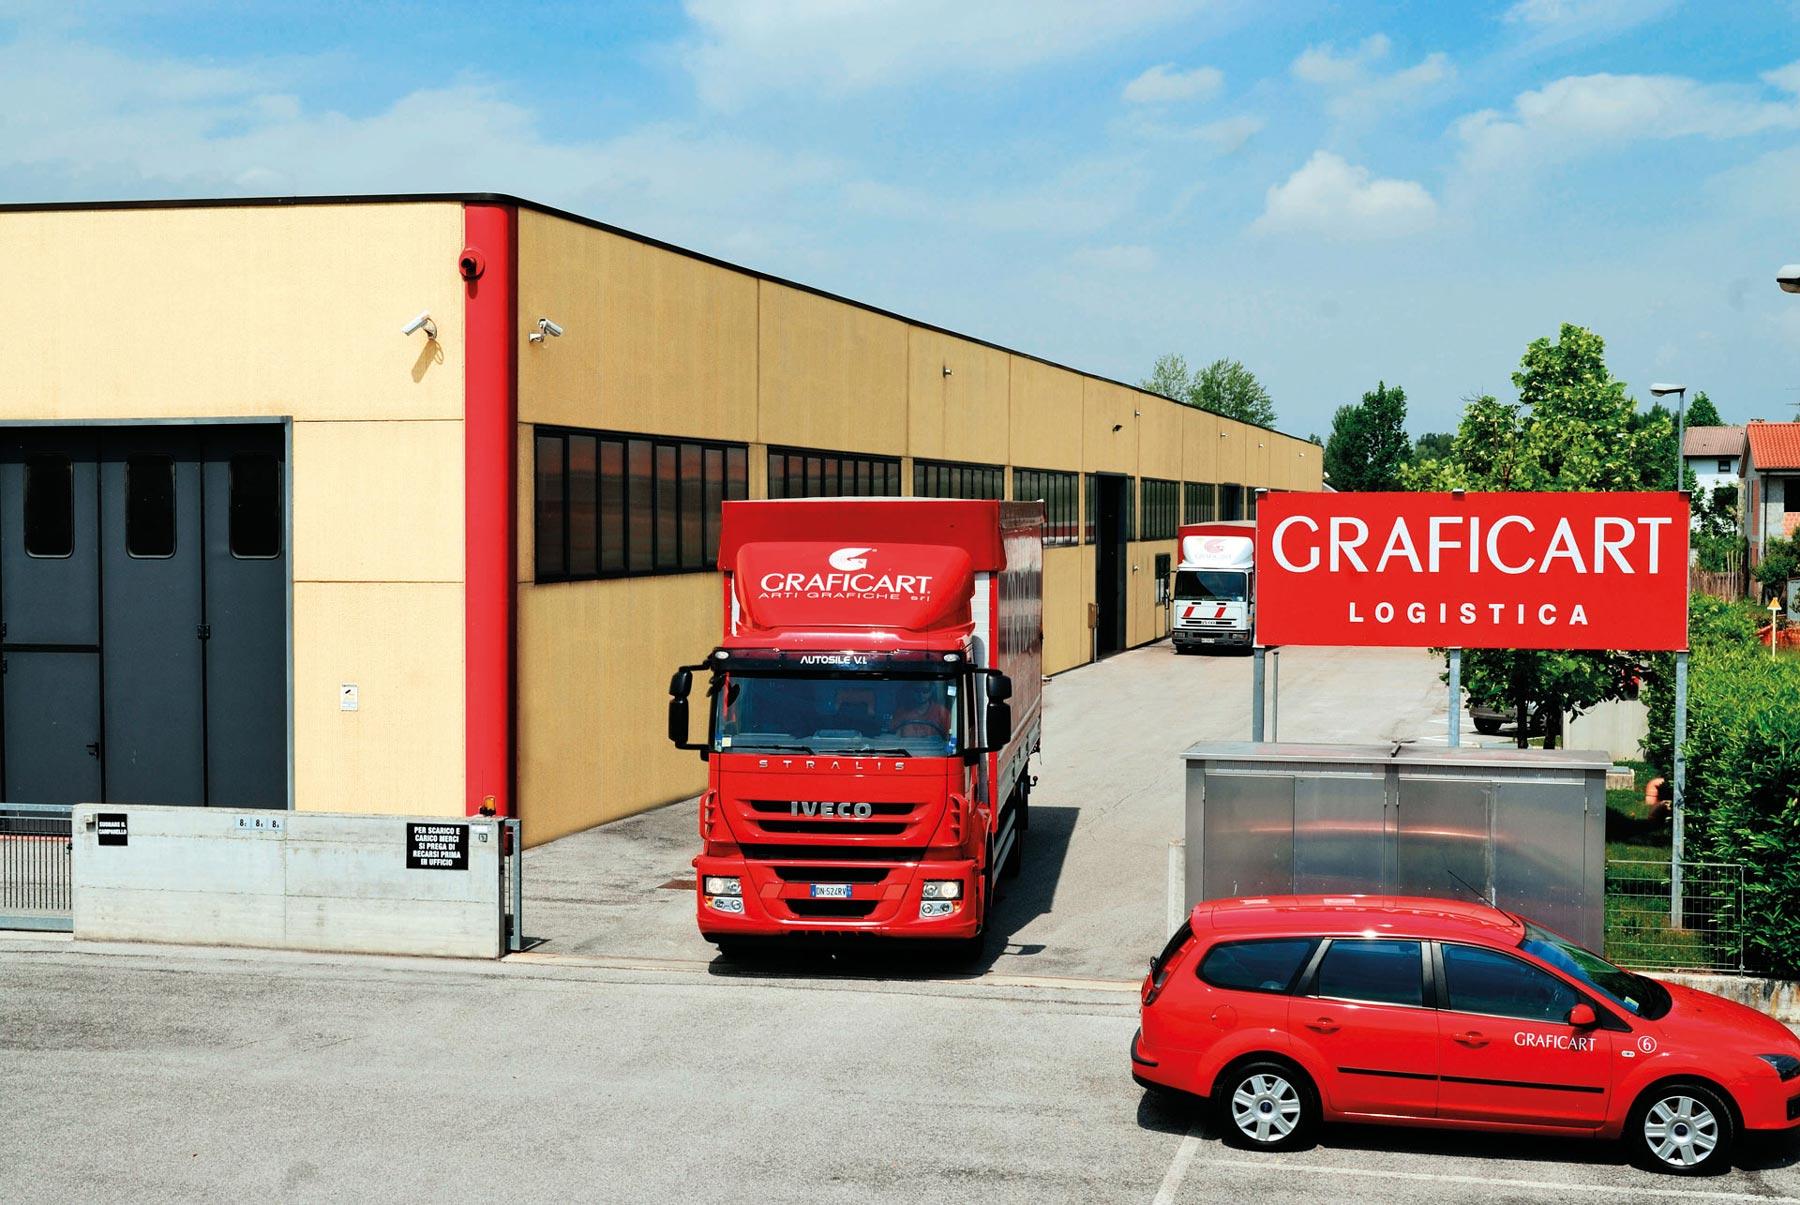 Graficart Logistica Azienda Esterno